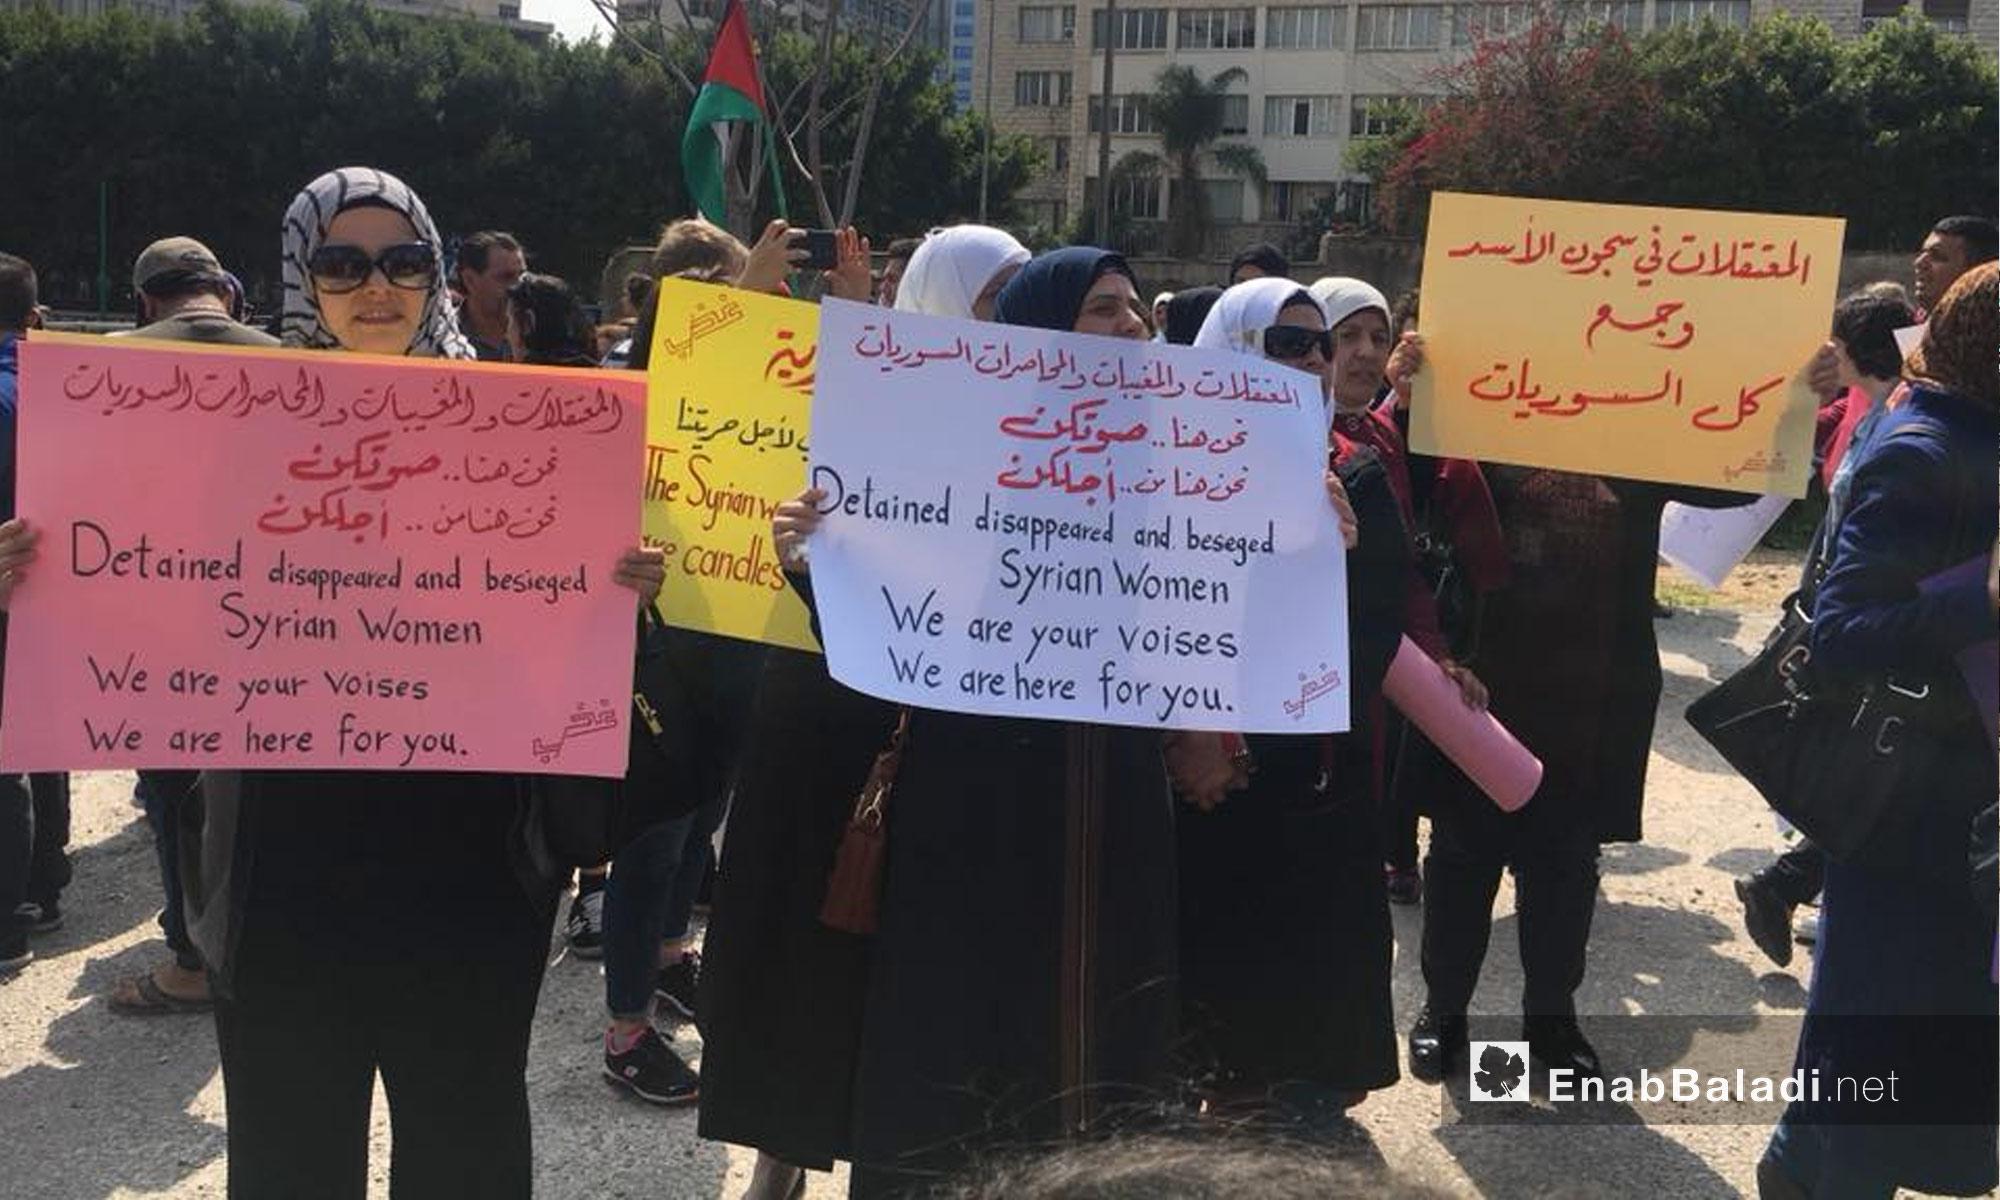 نساء يتضامن مع المرأة السورية المعتقلة في بيروت - 11 آذار 2018 (عنب بلدي)